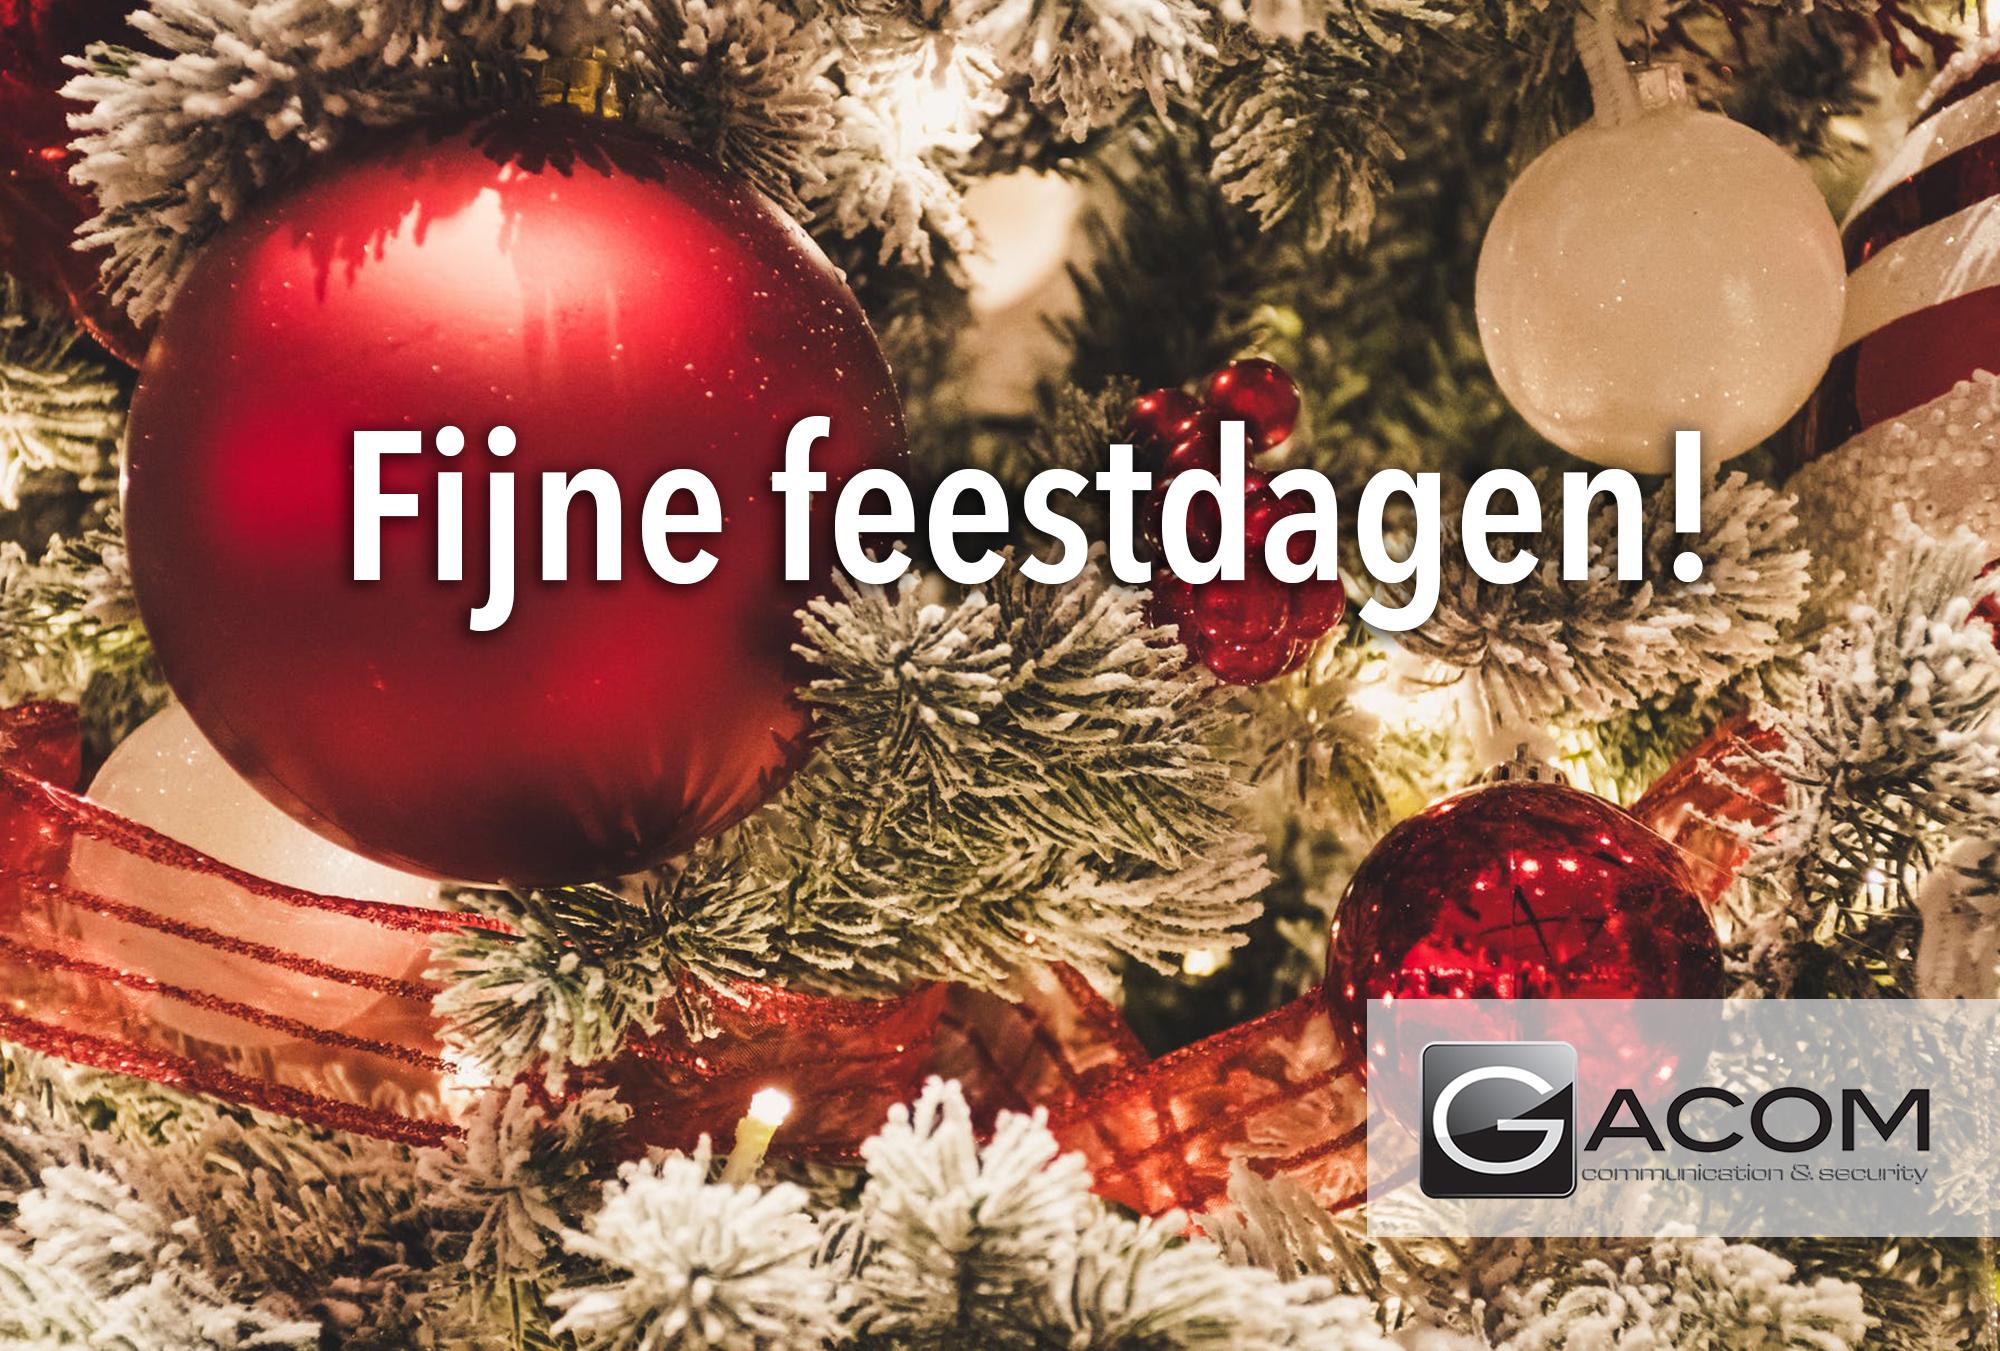 Gacom_ Fijne feestdagen